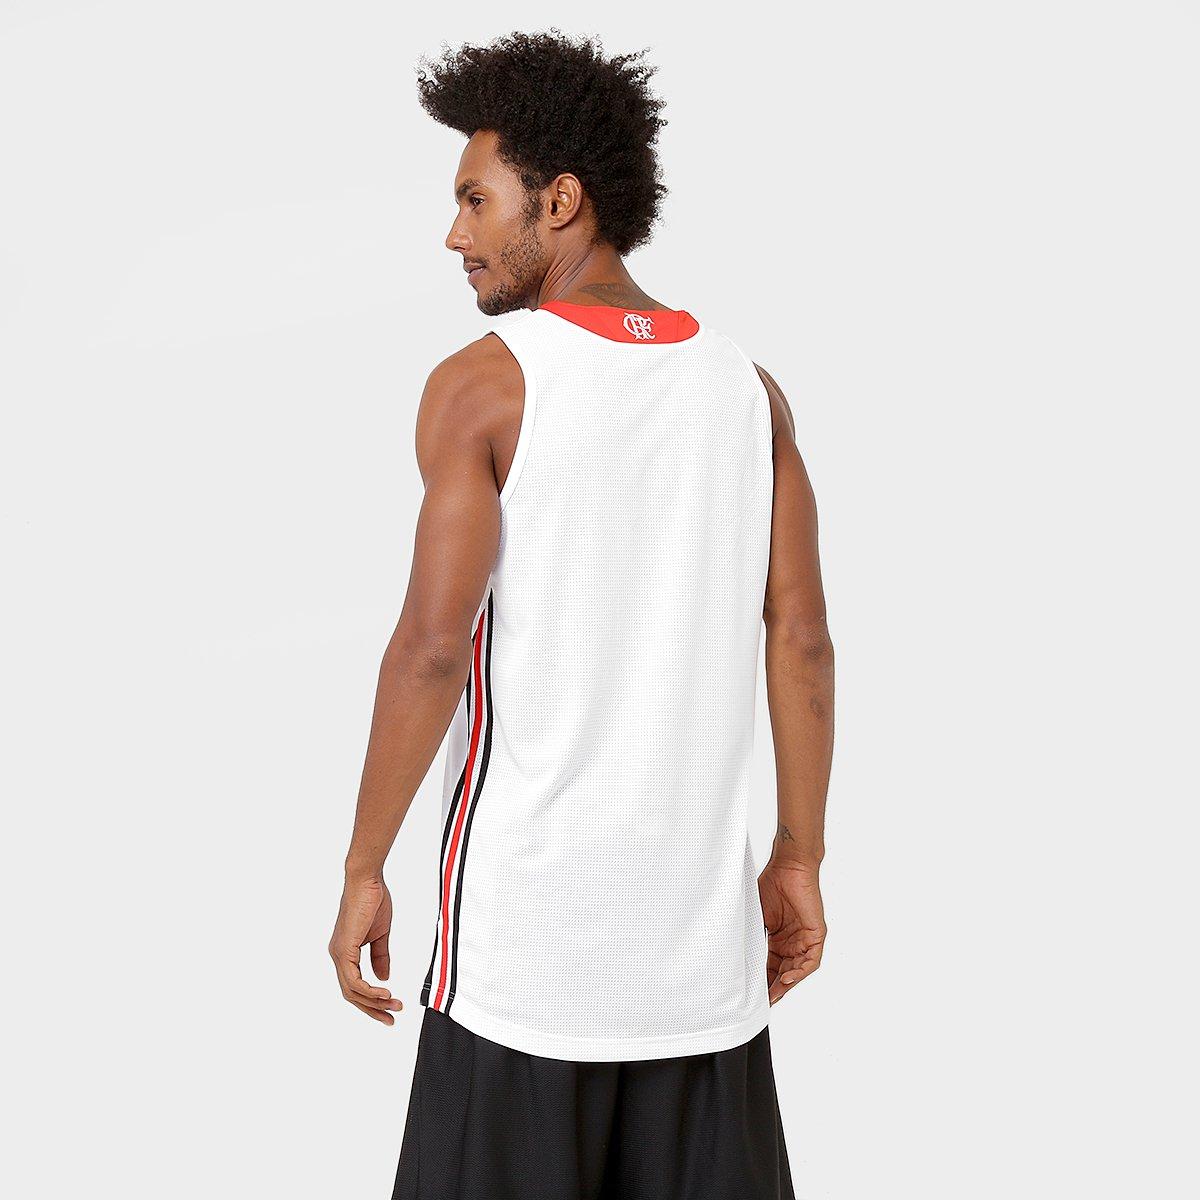 Camiseta Regata Adidas Flamengo 2 - Compre Agora  6cc9fc2622655